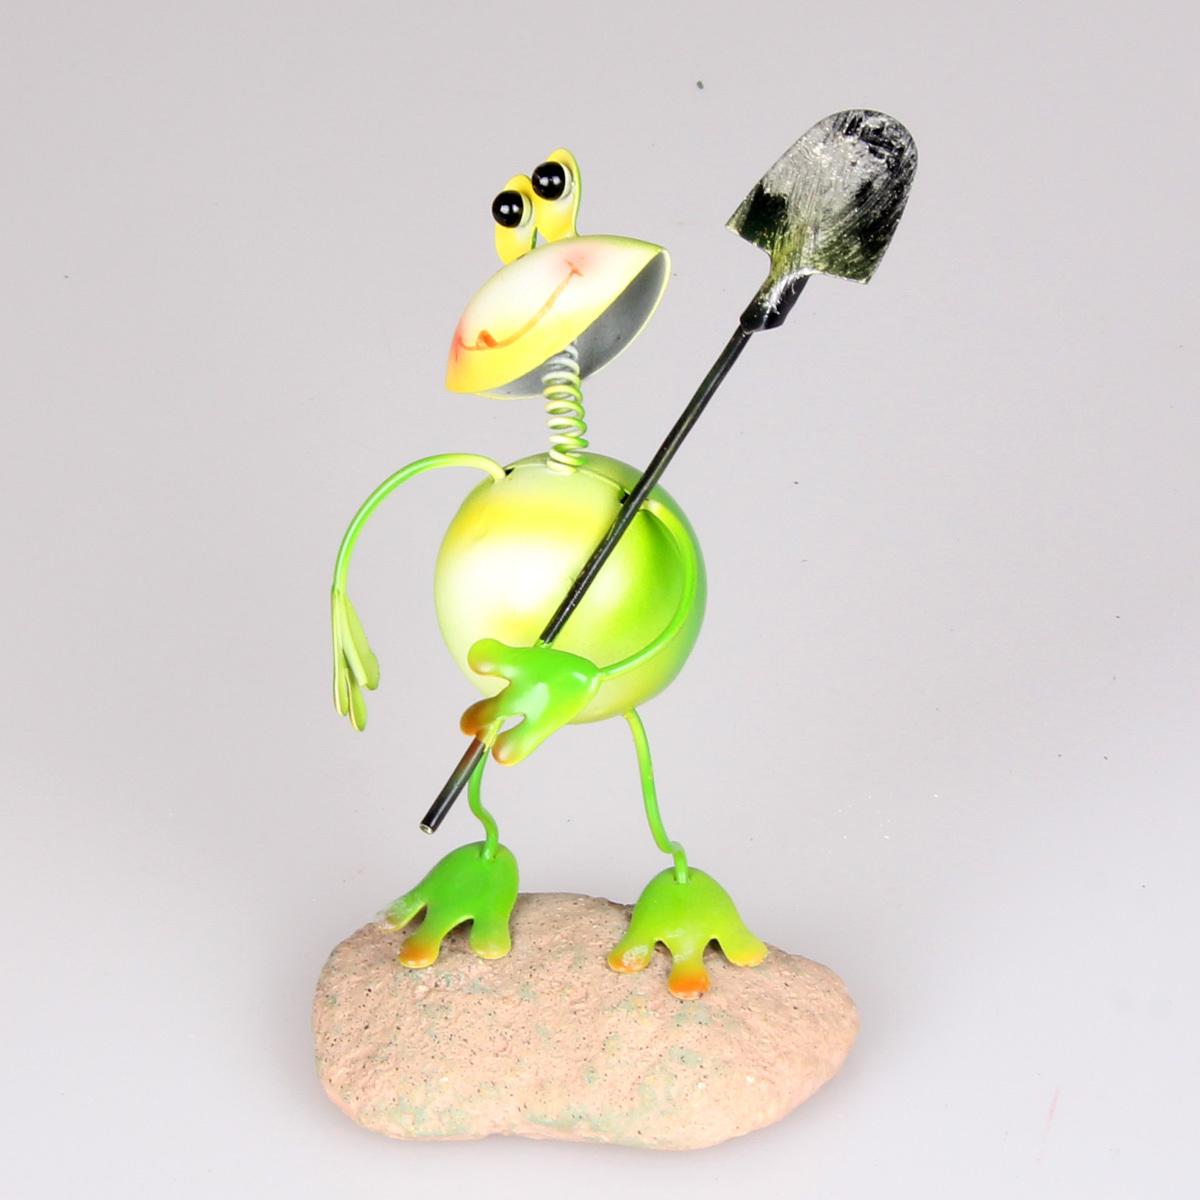 树脂工艺品家居装饰品个性摆设摆件创意礼物浪漫可爱青蛙饰品